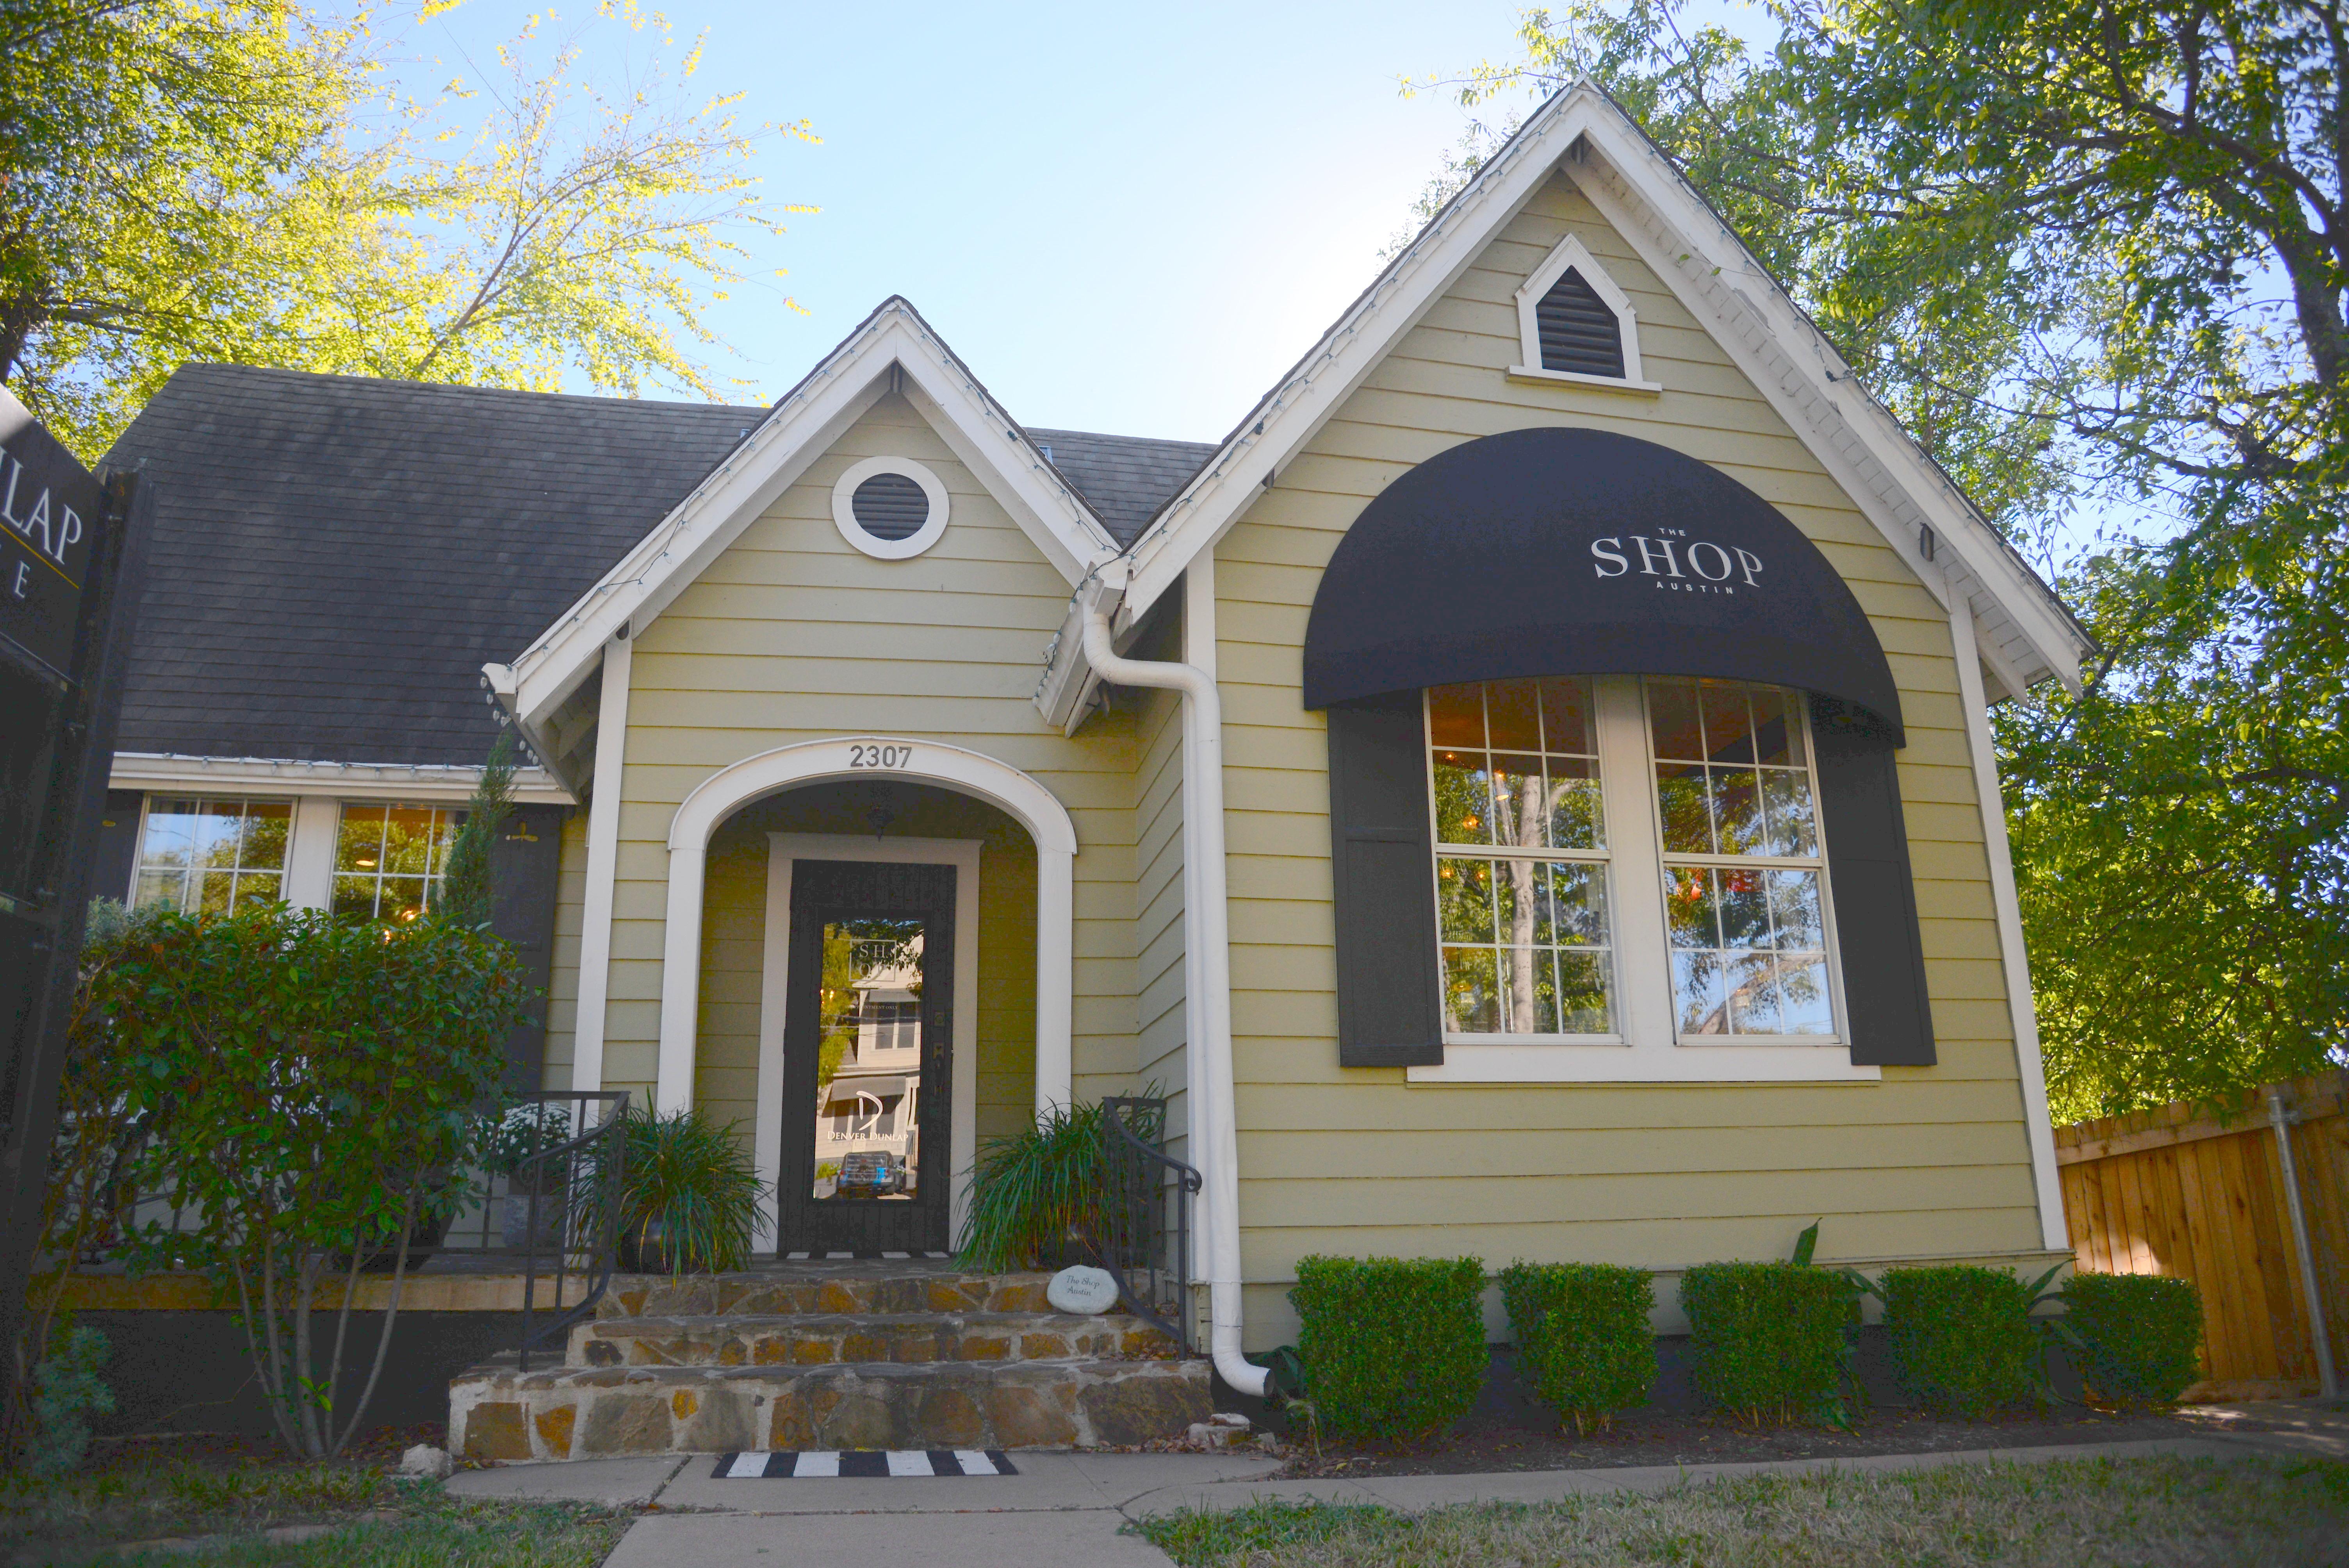 Boutique Peek ~ The Shop Austin